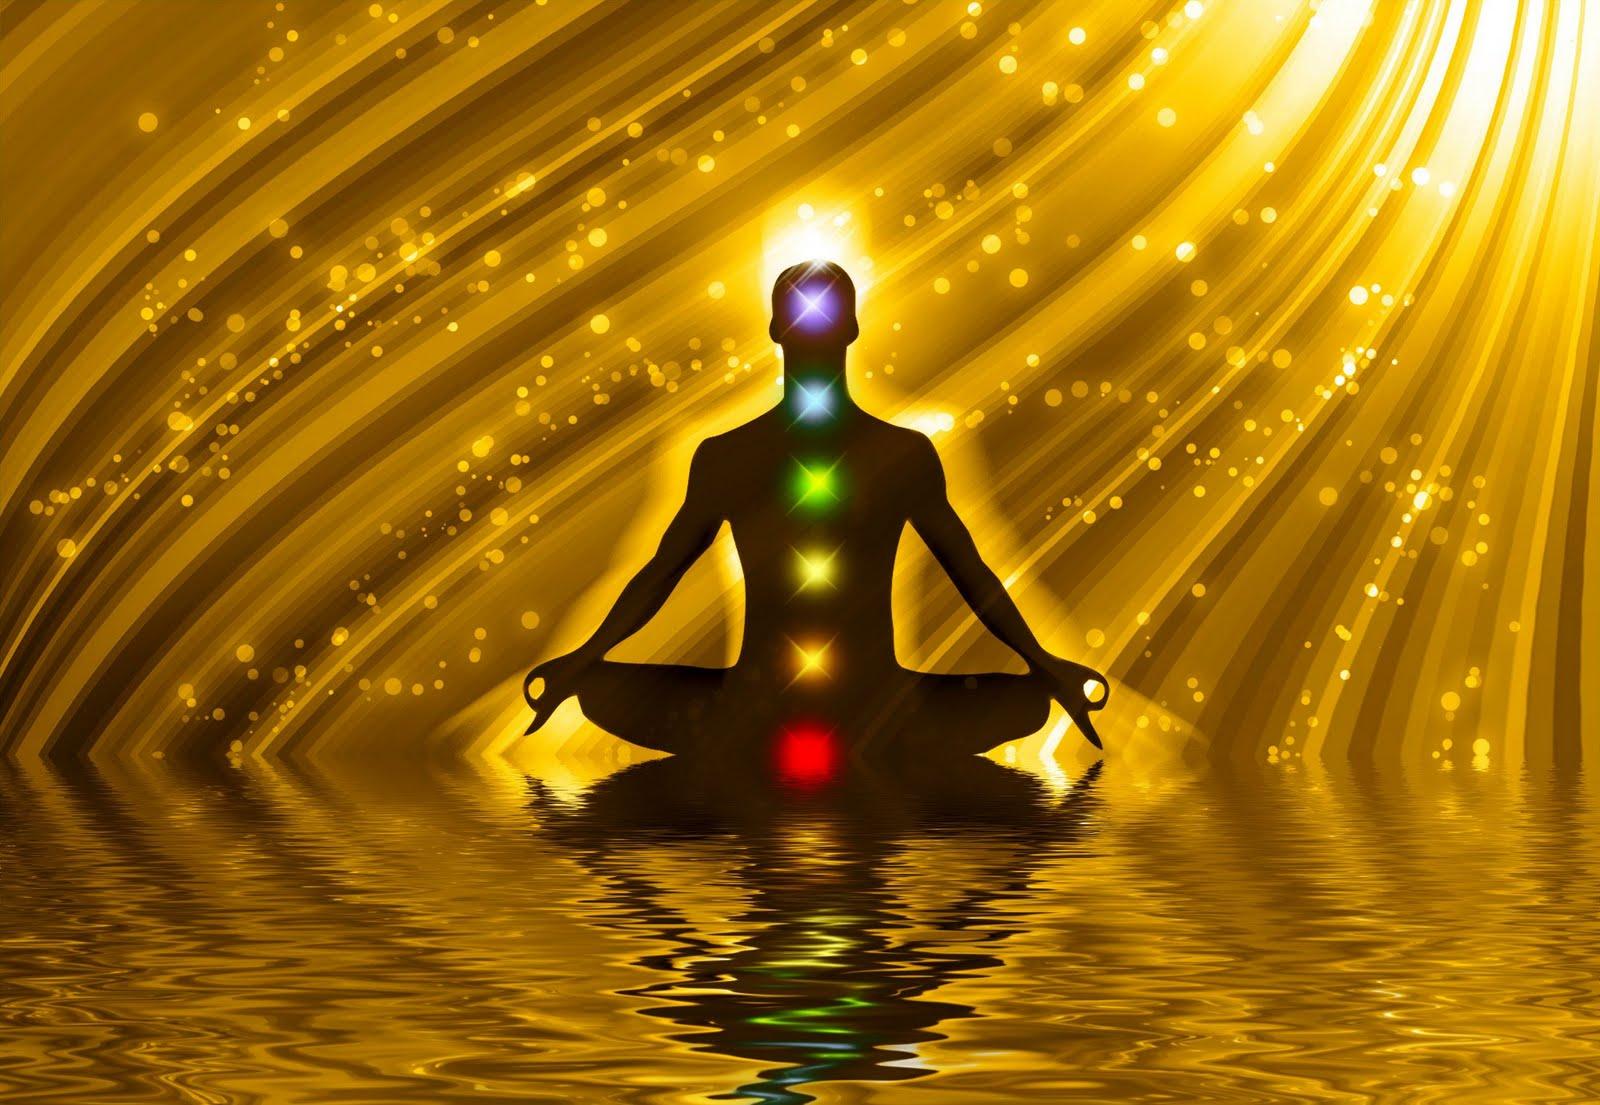 http://2.bp.blogspot.com/-d1WJTwTiIaQ/TcKXDevqhEI/AAAAAAAAAeA/Wip3YBfaZ60/s1600/meditation1.jpg